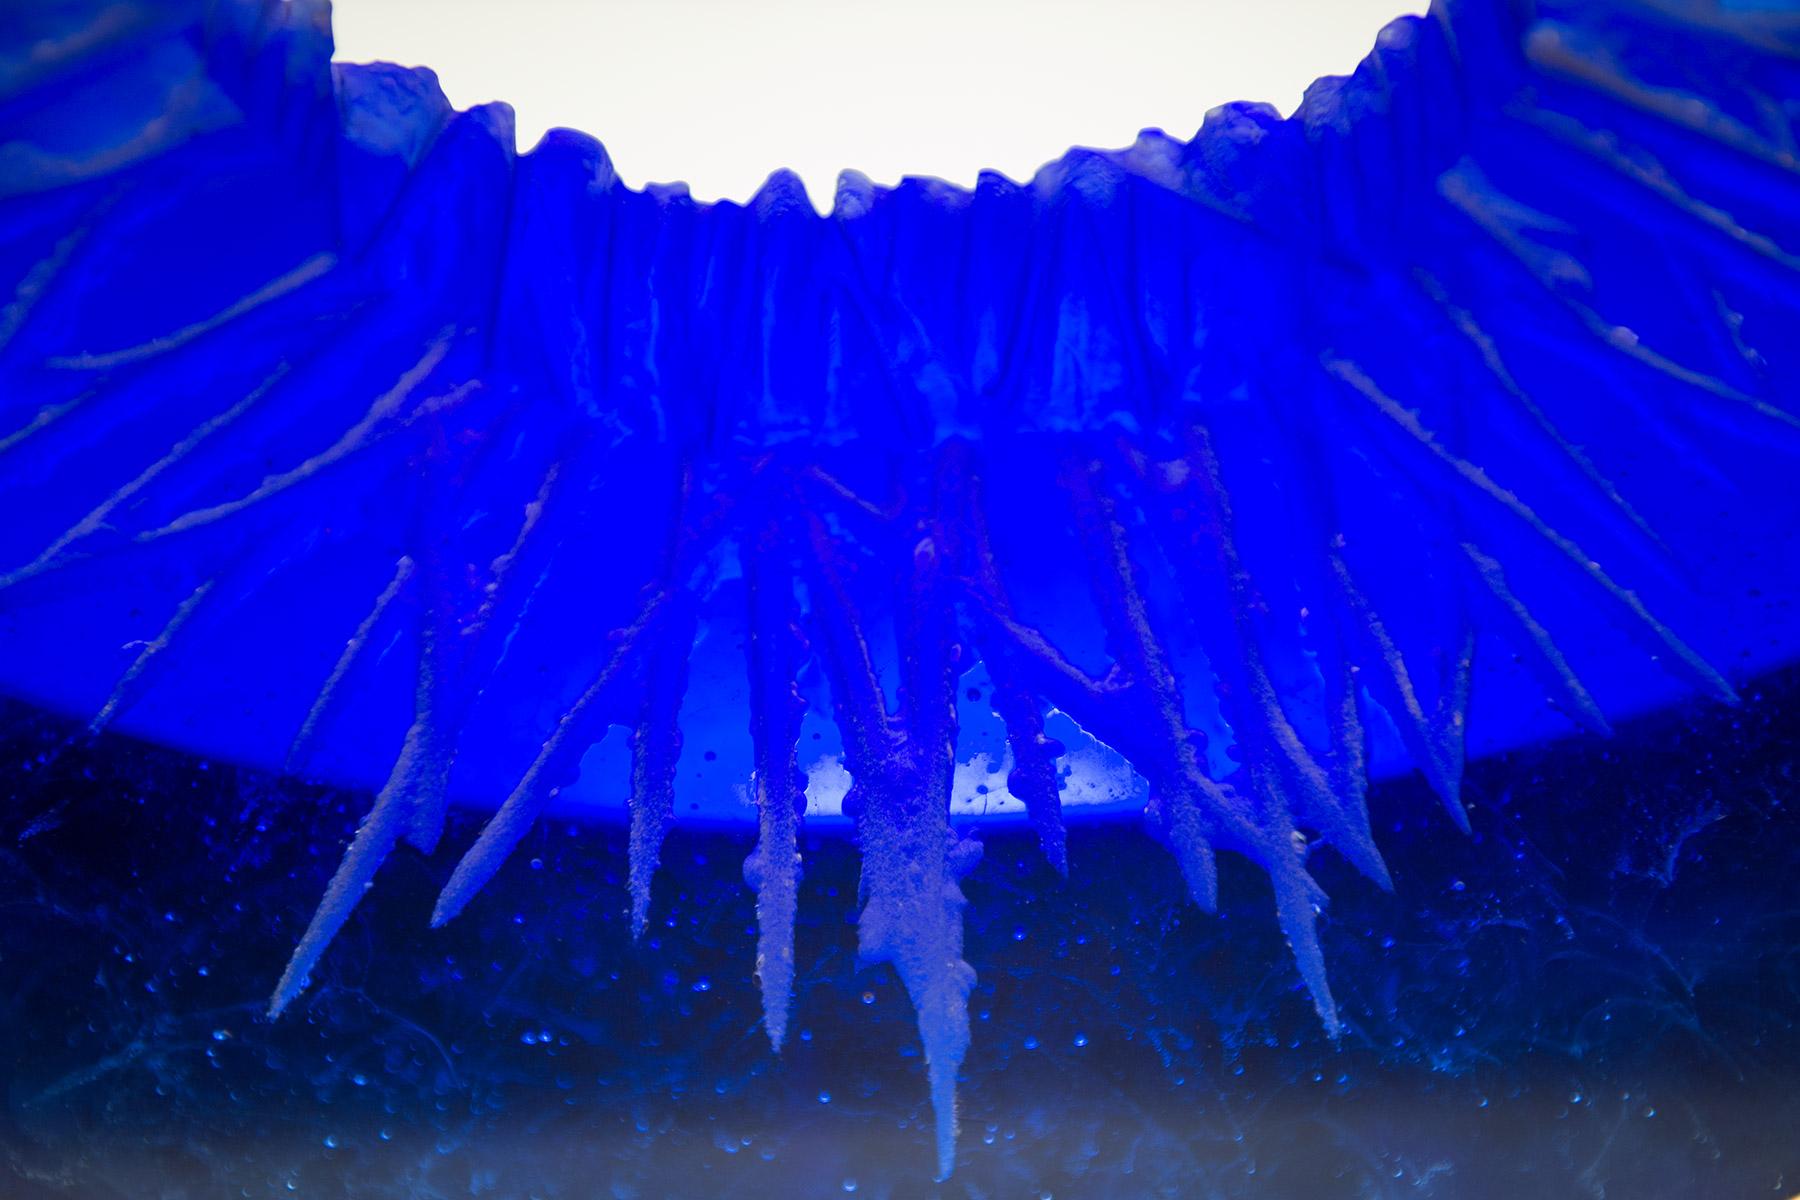 """Wyróżnienia honorowe: Karolina Ludwiczak, """"Właściwości estetyczne szkła jako inspiracja do kreowania małych form rzeźbiarskich"""", Akademia Sztuk Pięknych we Wrocławiu, promotor: prof. Małgorzata Dajewska (źródło: materiały prasowe organizatora)"""